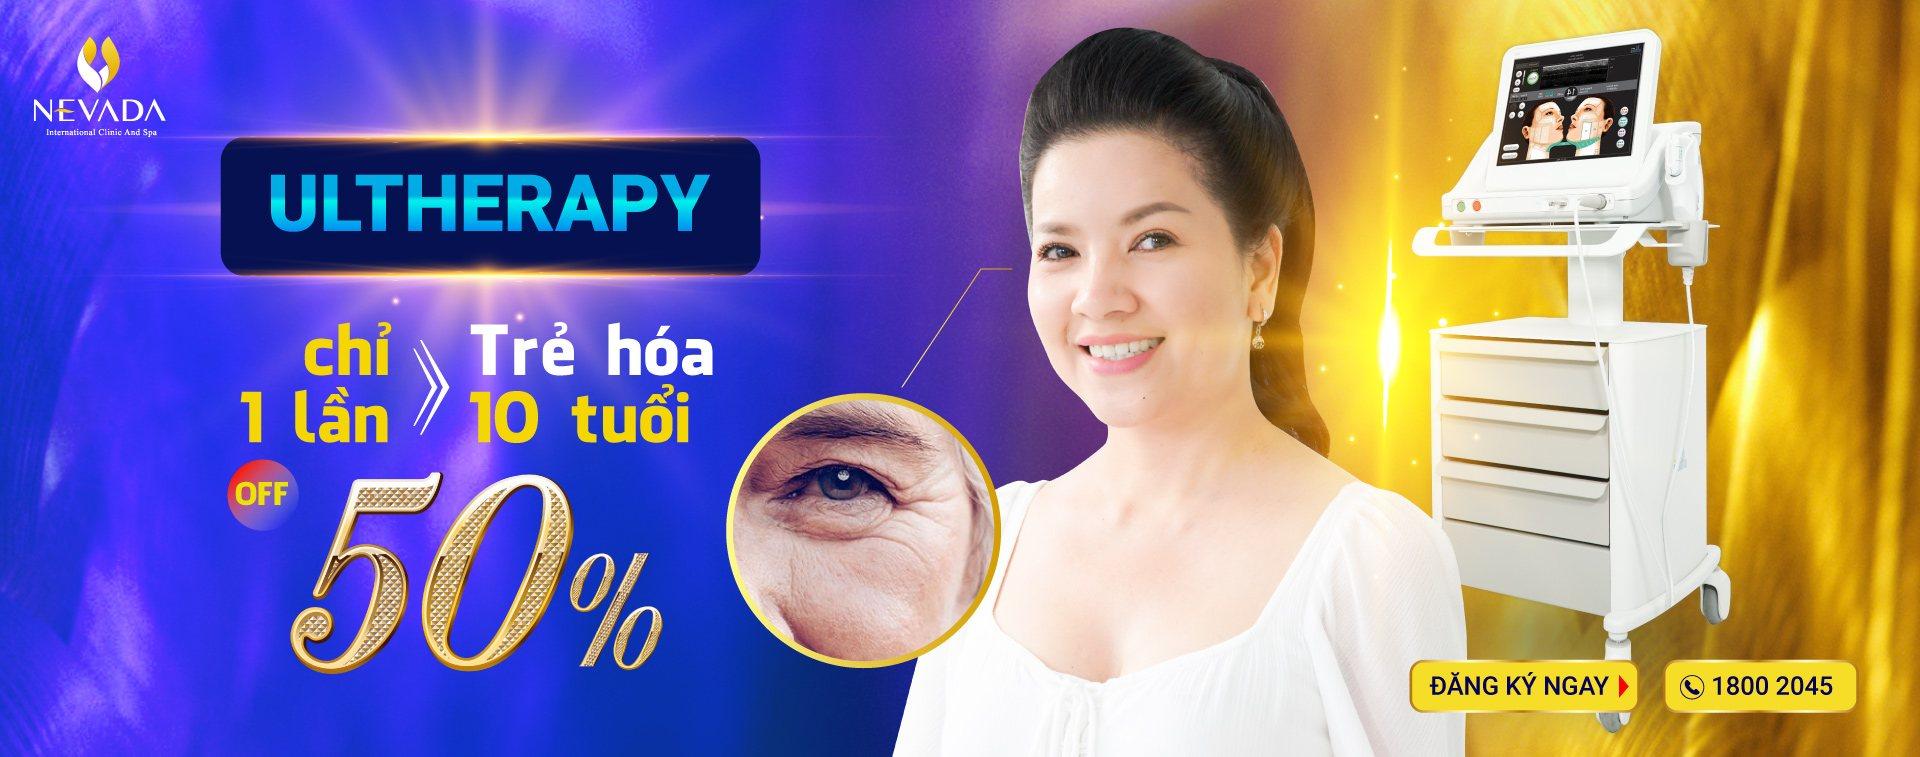 Giảm 50% nâng cơ trẻ hóa ultherapy: Lấy lại nét xuân thì